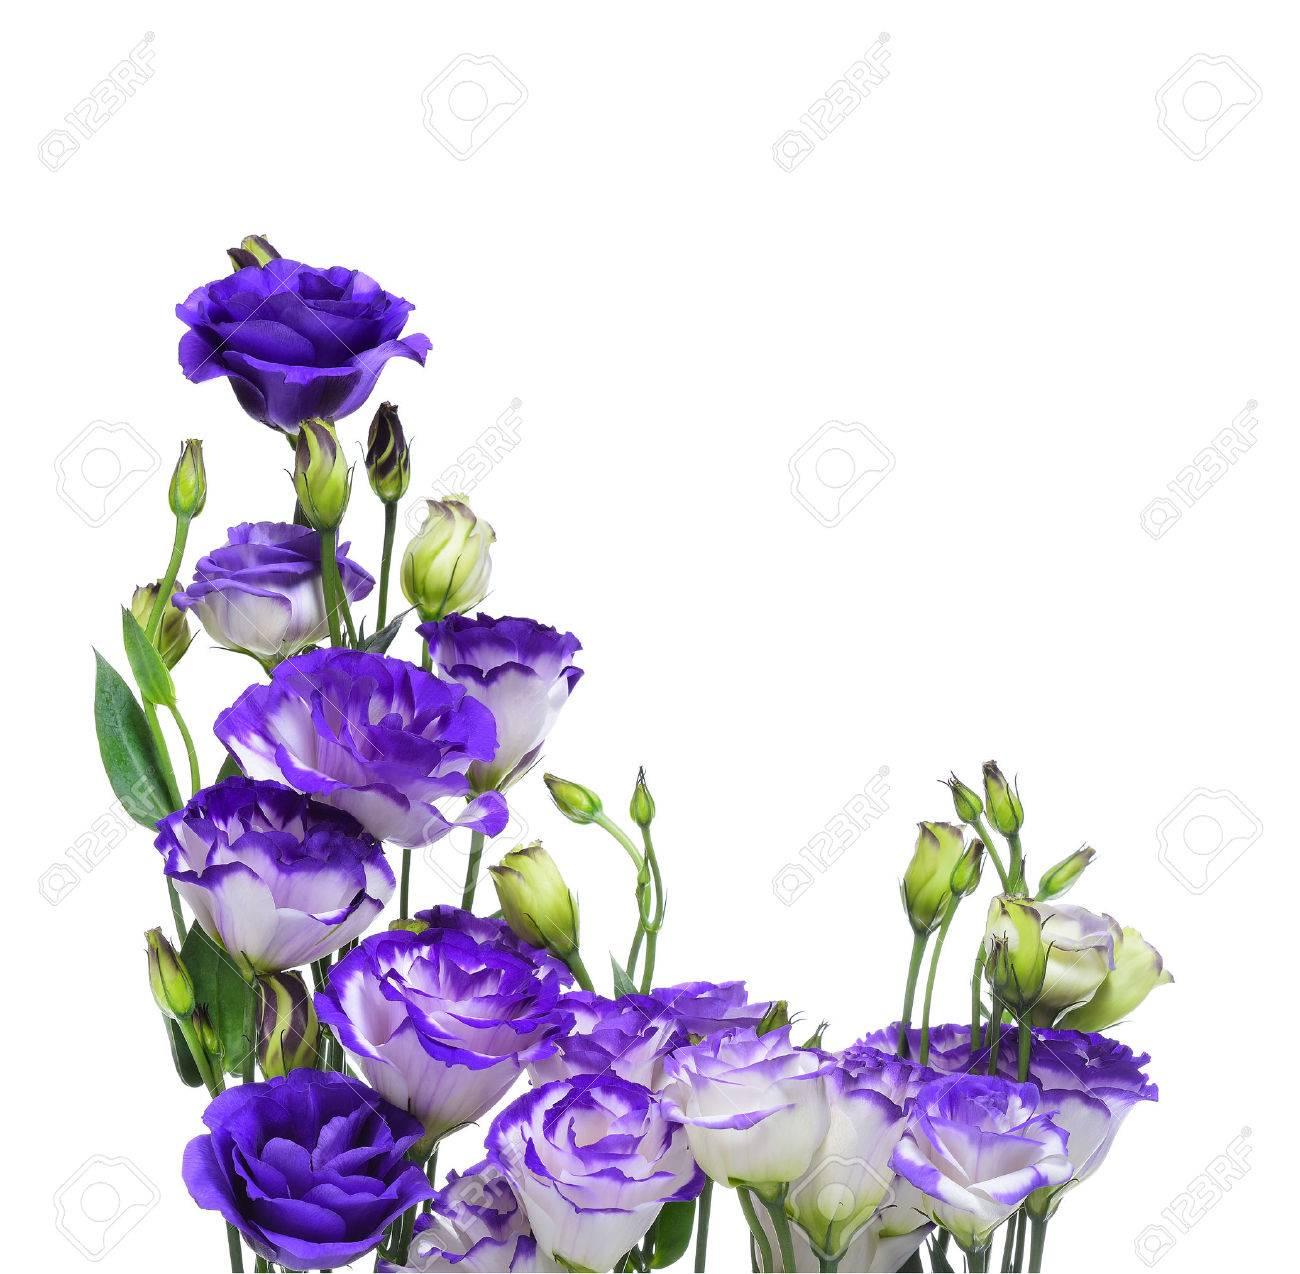 Purple lisianthus or eustoma flowers on white background stock photo purple lisianthus or eustoma flowers on white background stock photo 35143409 thecheapjerseys Choice Image